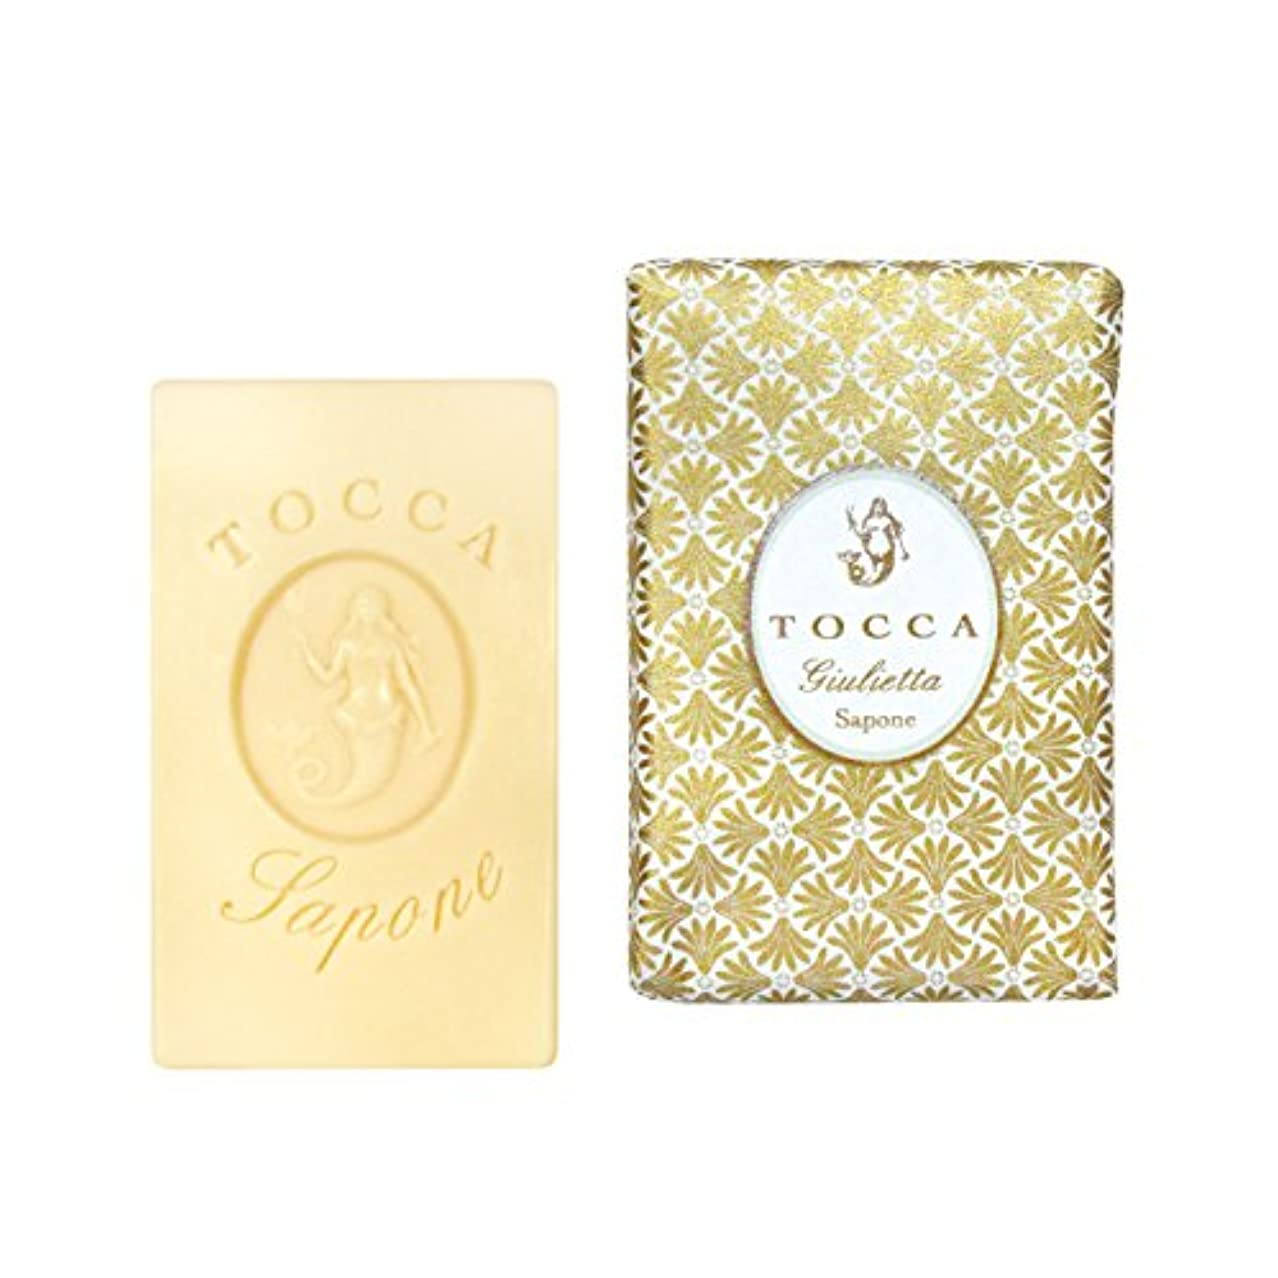 別のしたがってバレルトッカ(TOCCA) ソープバー ジュリエッタの香り 113g(化粧石けん ピンクチューリップとグリーンアップルの爽やかで甘い香り)